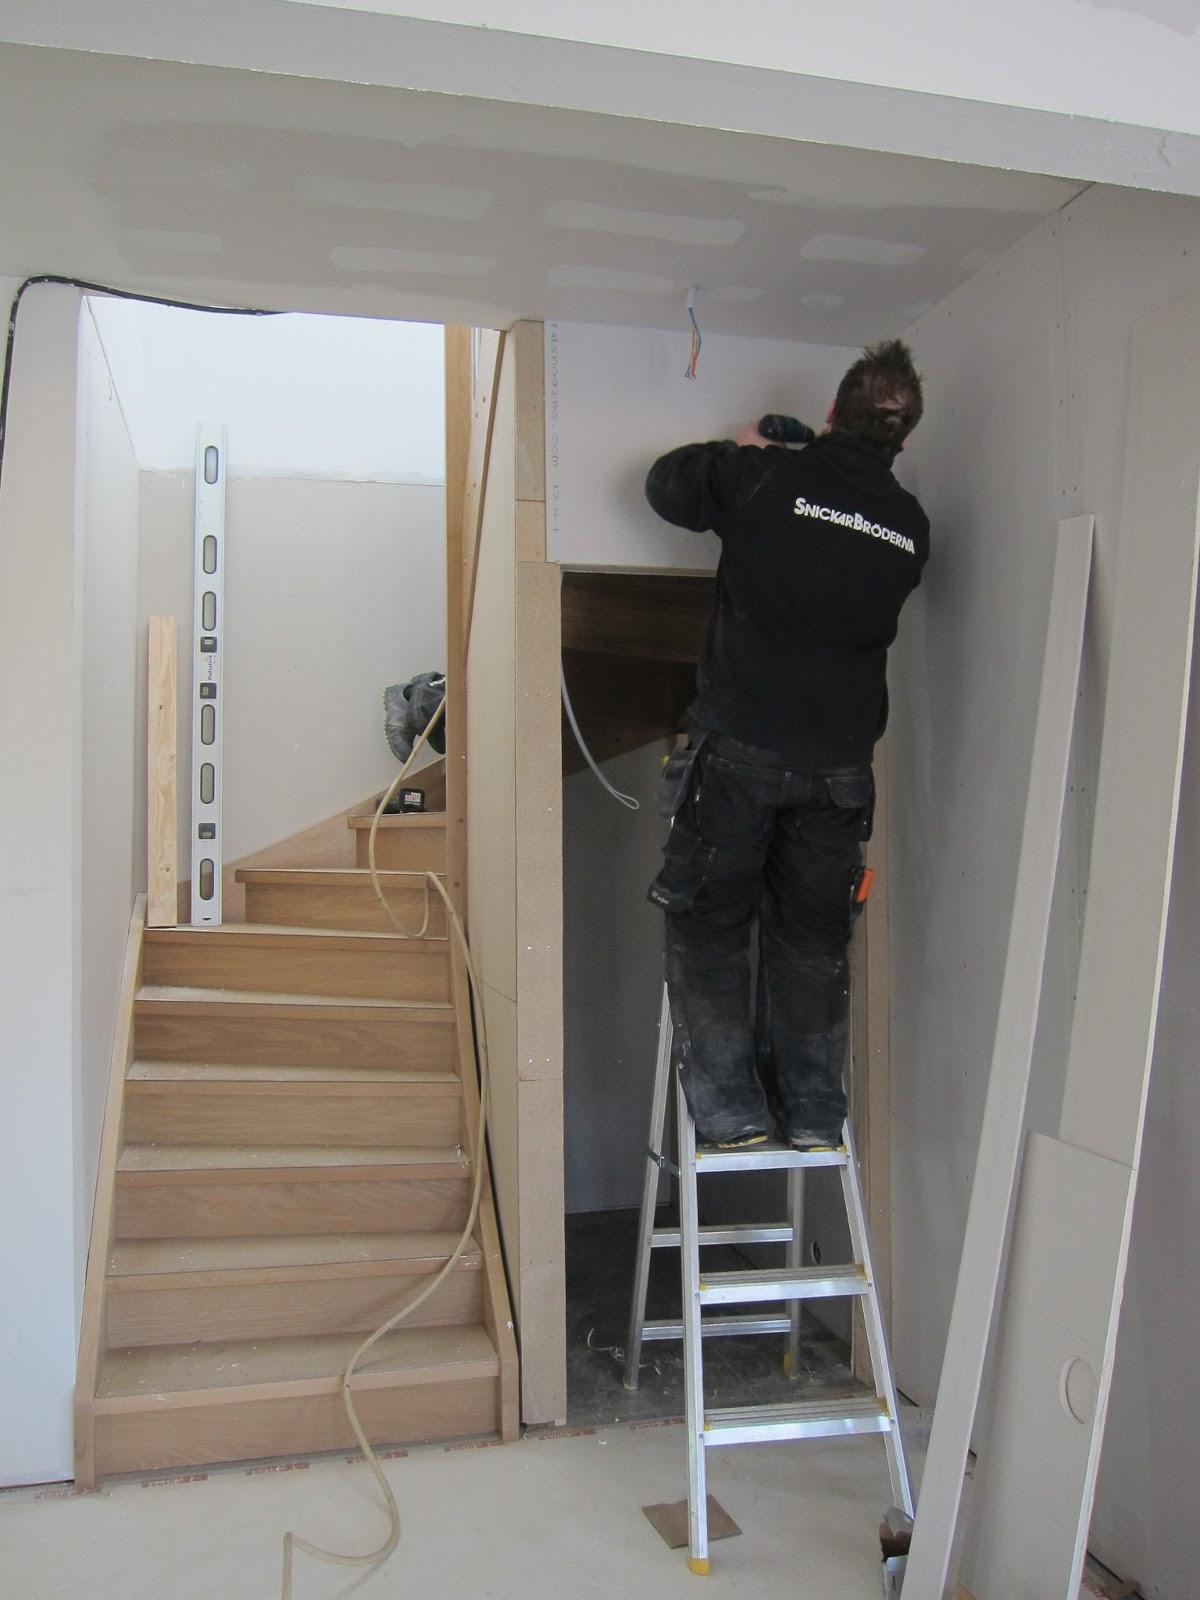 Projekt villa els: trappan på plats